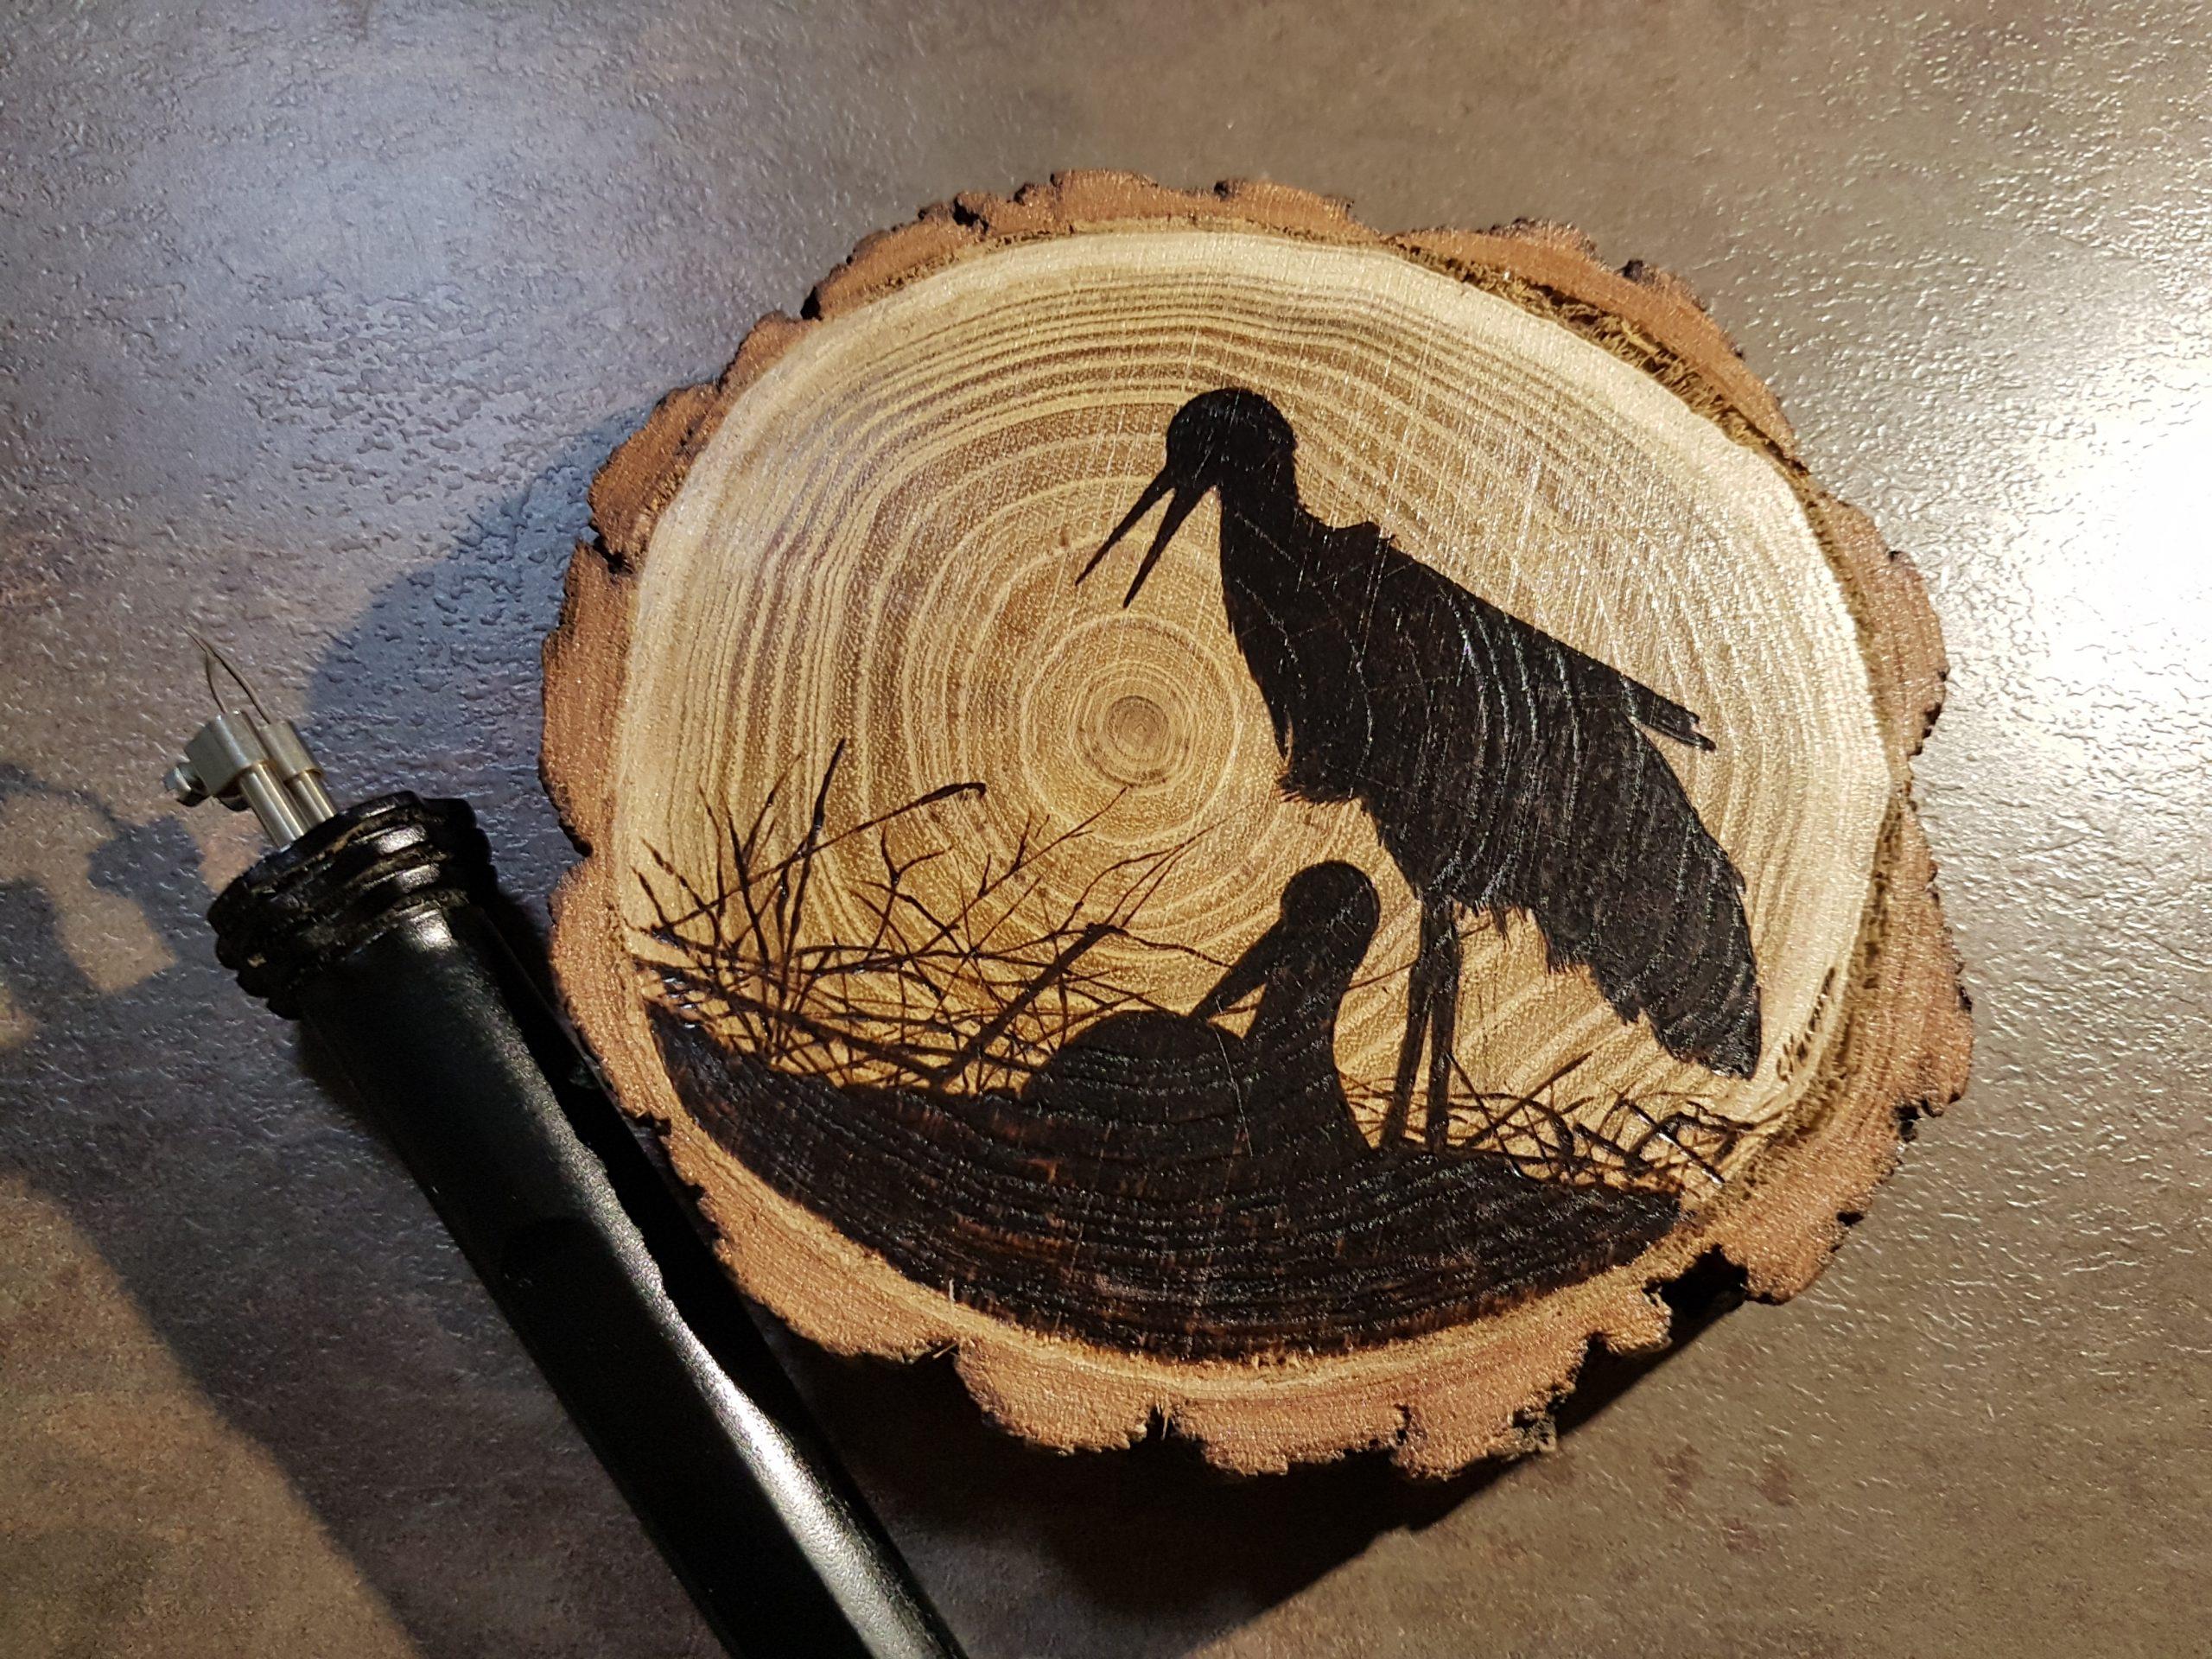 wypalanie w drewnie, sylwia, pirografia, janczyszyn, pyrography, handmade, rękodzieło, pomysł na prezent, bociany